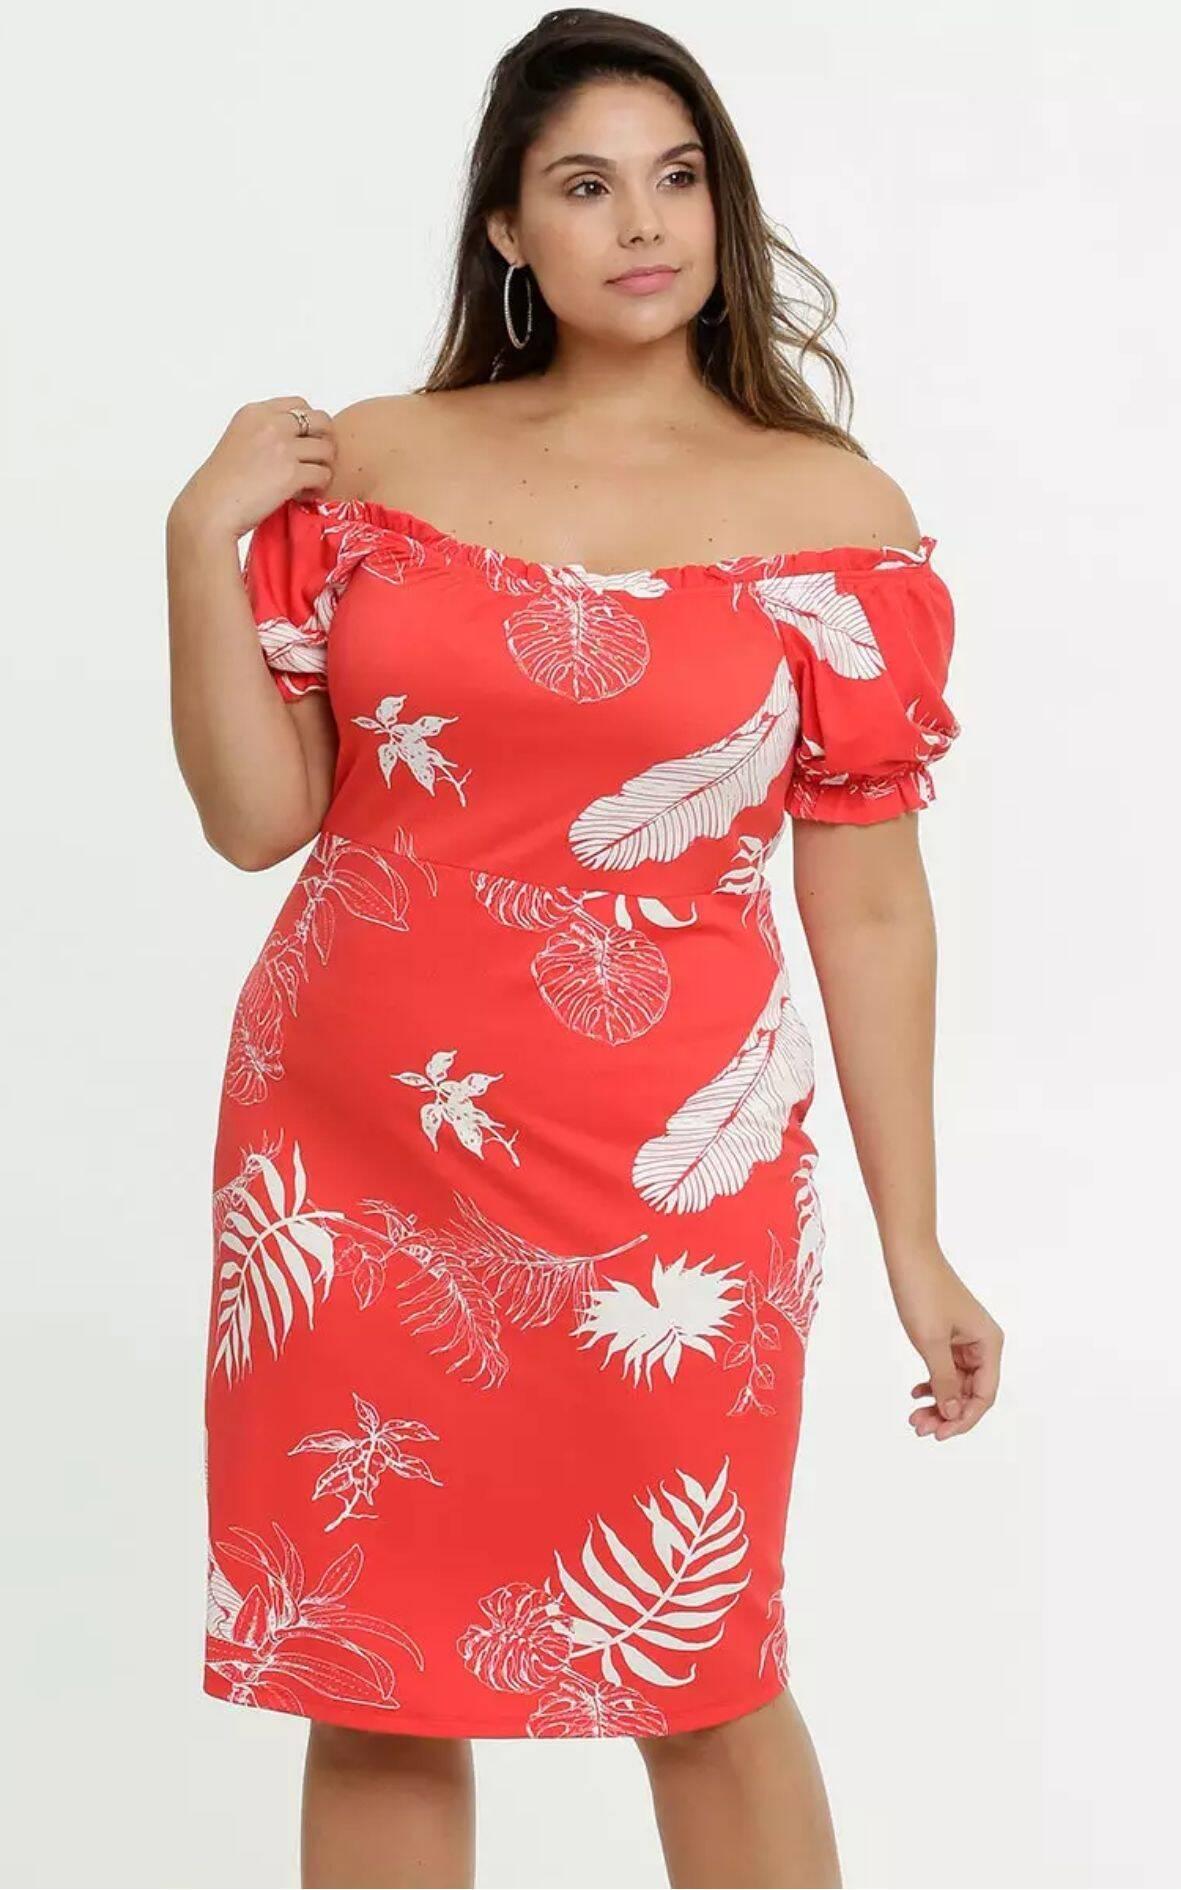 Vestido Feminino Ombro a Ombro Folhas Plus Size | Marisa | R$ 89,95. Foto: Divulgação